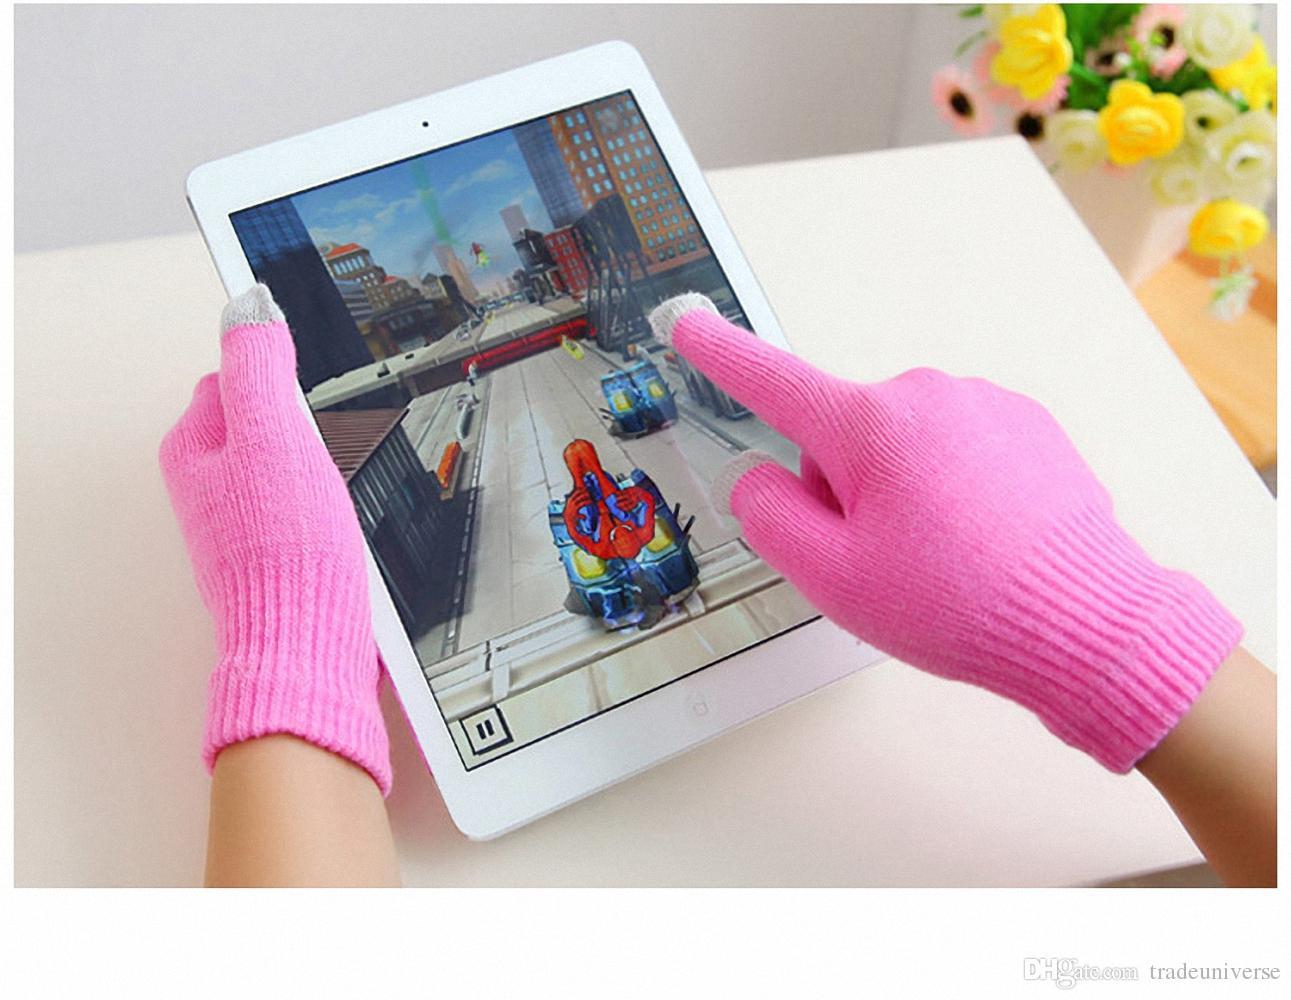 Универсальный Для Мужчин Женщин Зима Теплые Емкостные Вязаные Перчатки Грелка для Сенсорного Экрана Смартфон Для Телефонов с Емкостным Экраном